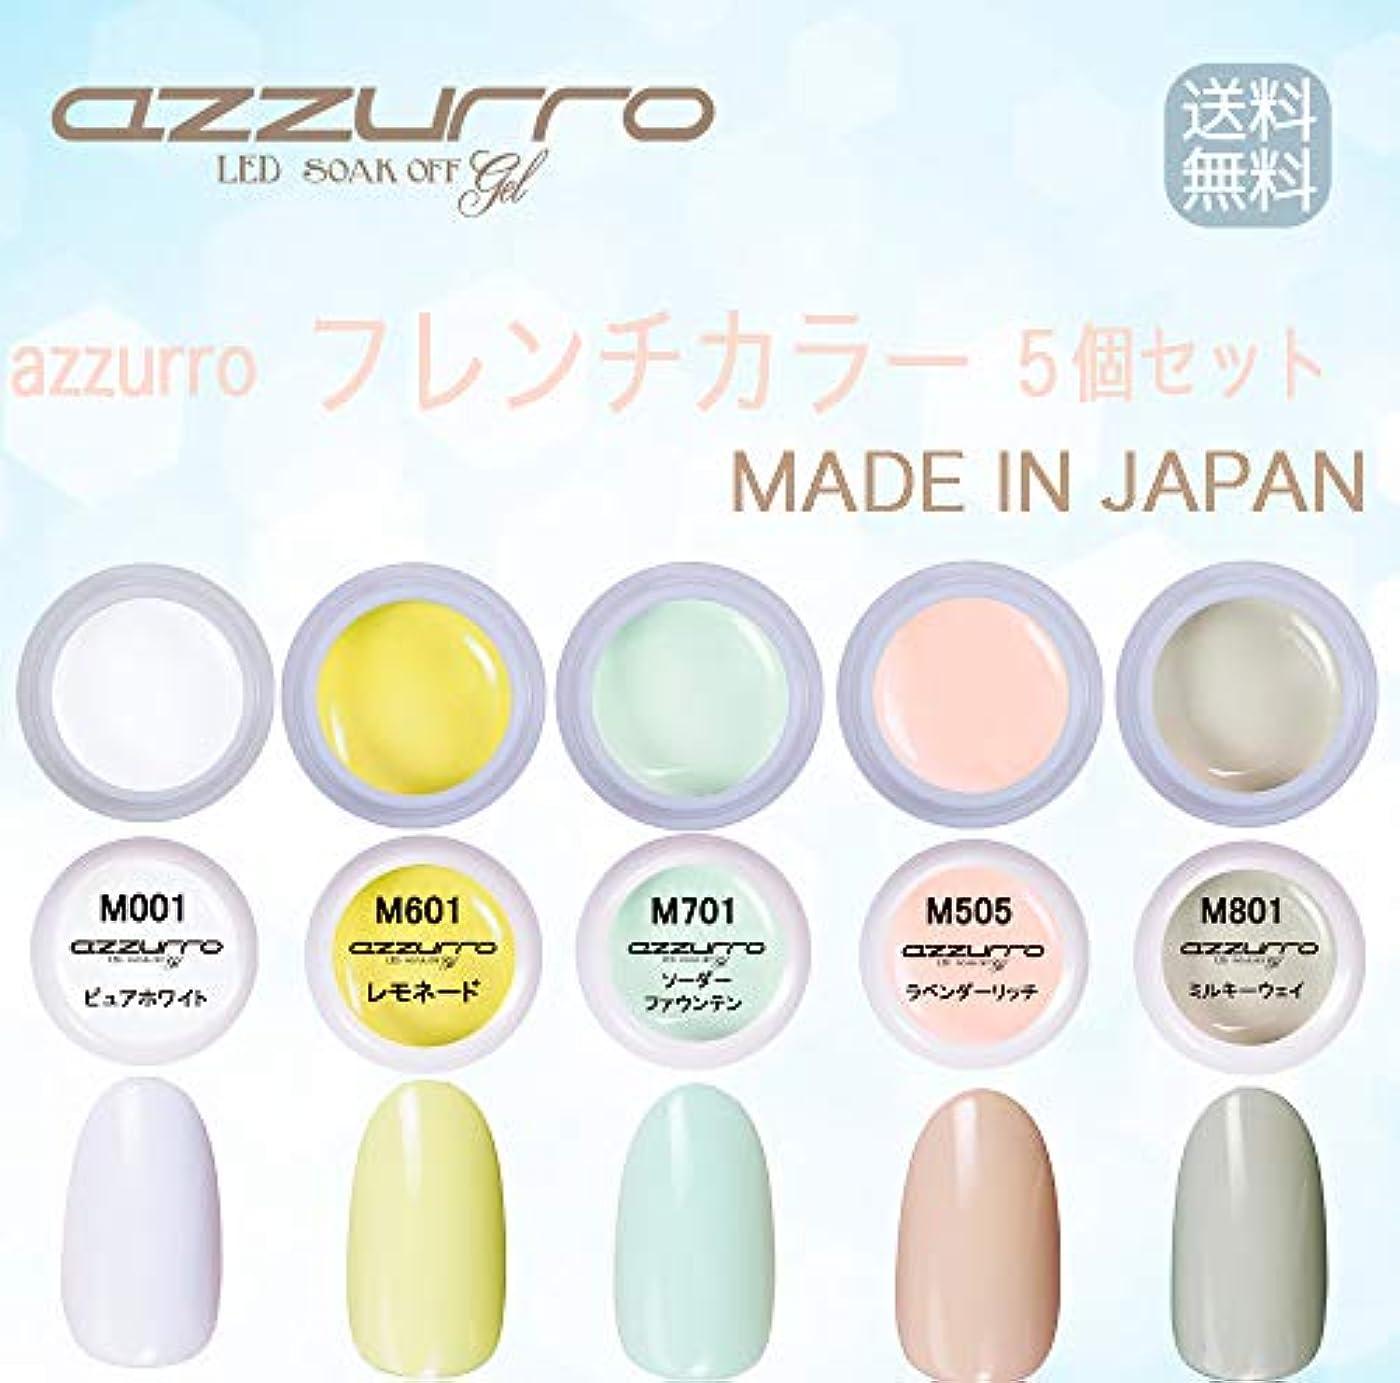 私達上向き偏差【送料無料】日本製 azzurro gel フレンチカラージェル5個セット 春にピッタリでかわいいフレンチネイルにピッタリなカラー